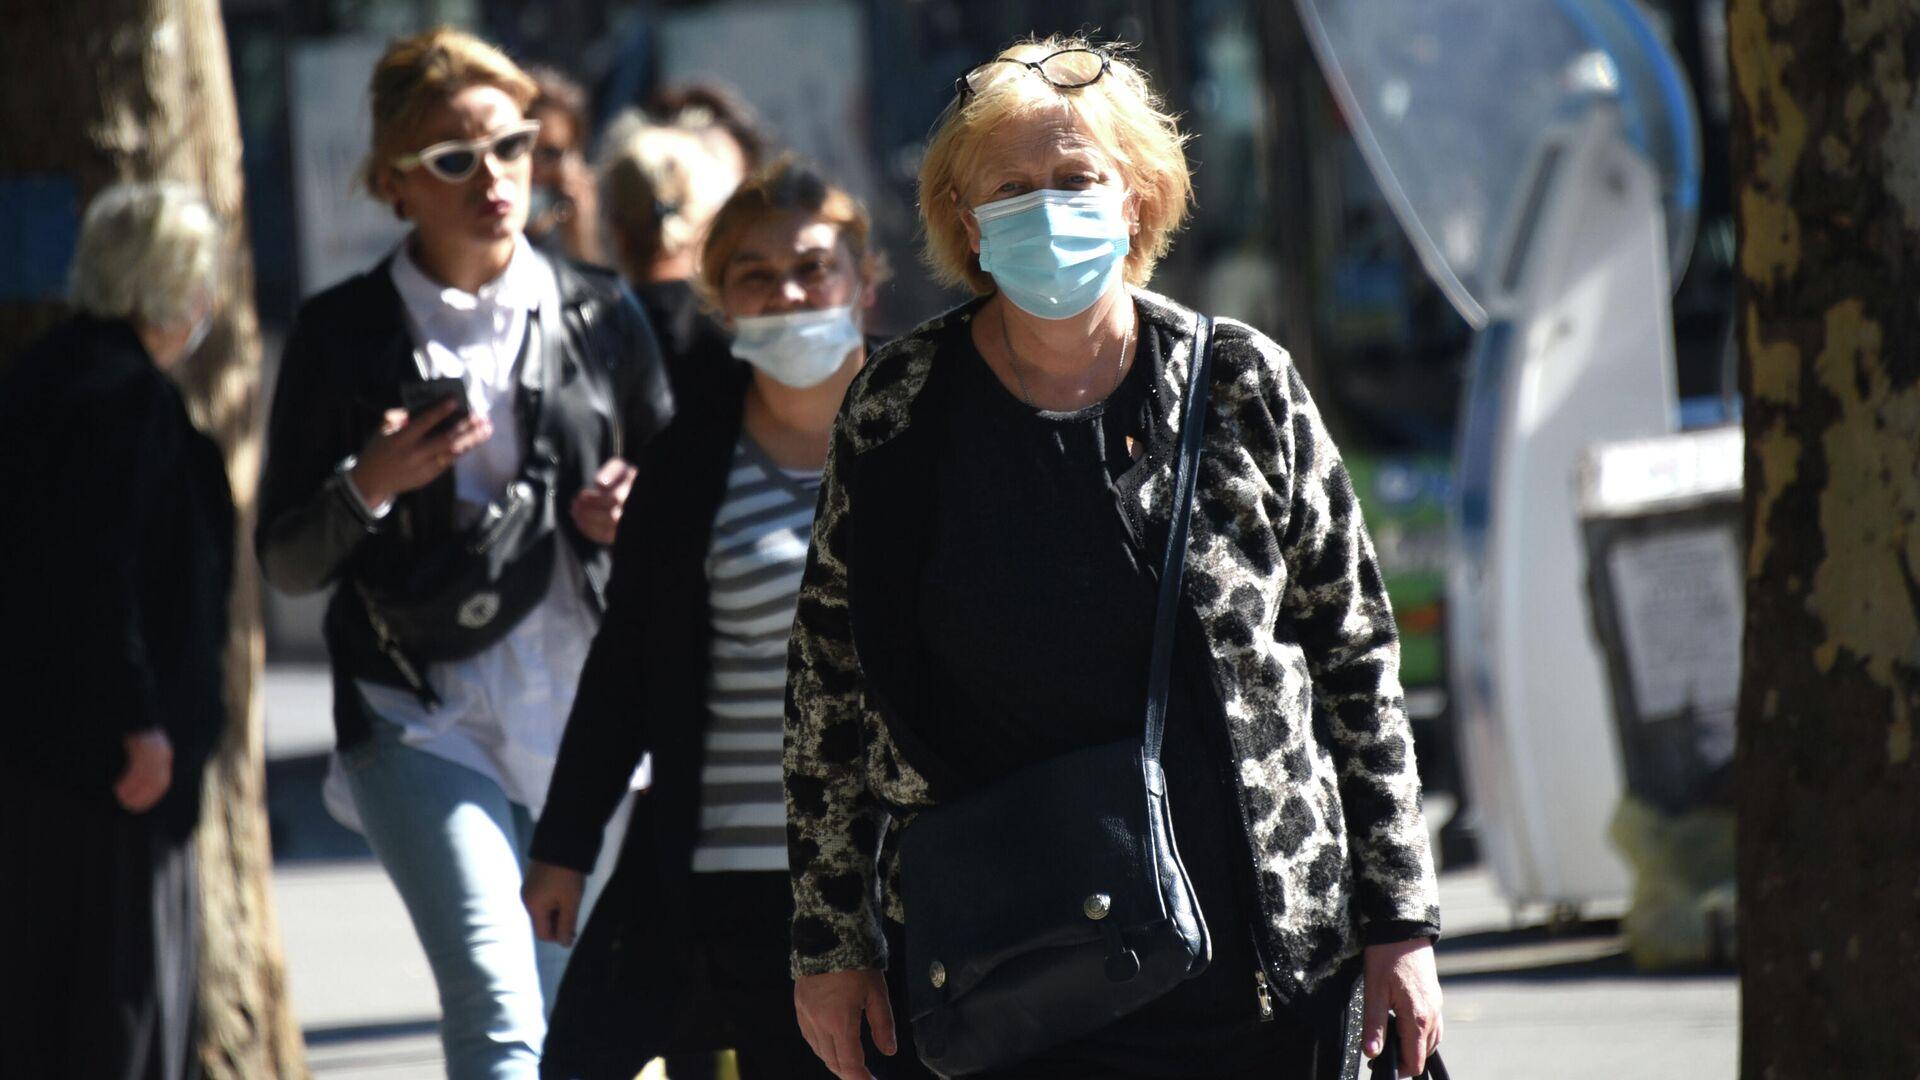 Эпидемия коронавируса - люди на улице в масках - Sputnik Грузия, 1920, 12.10.2021